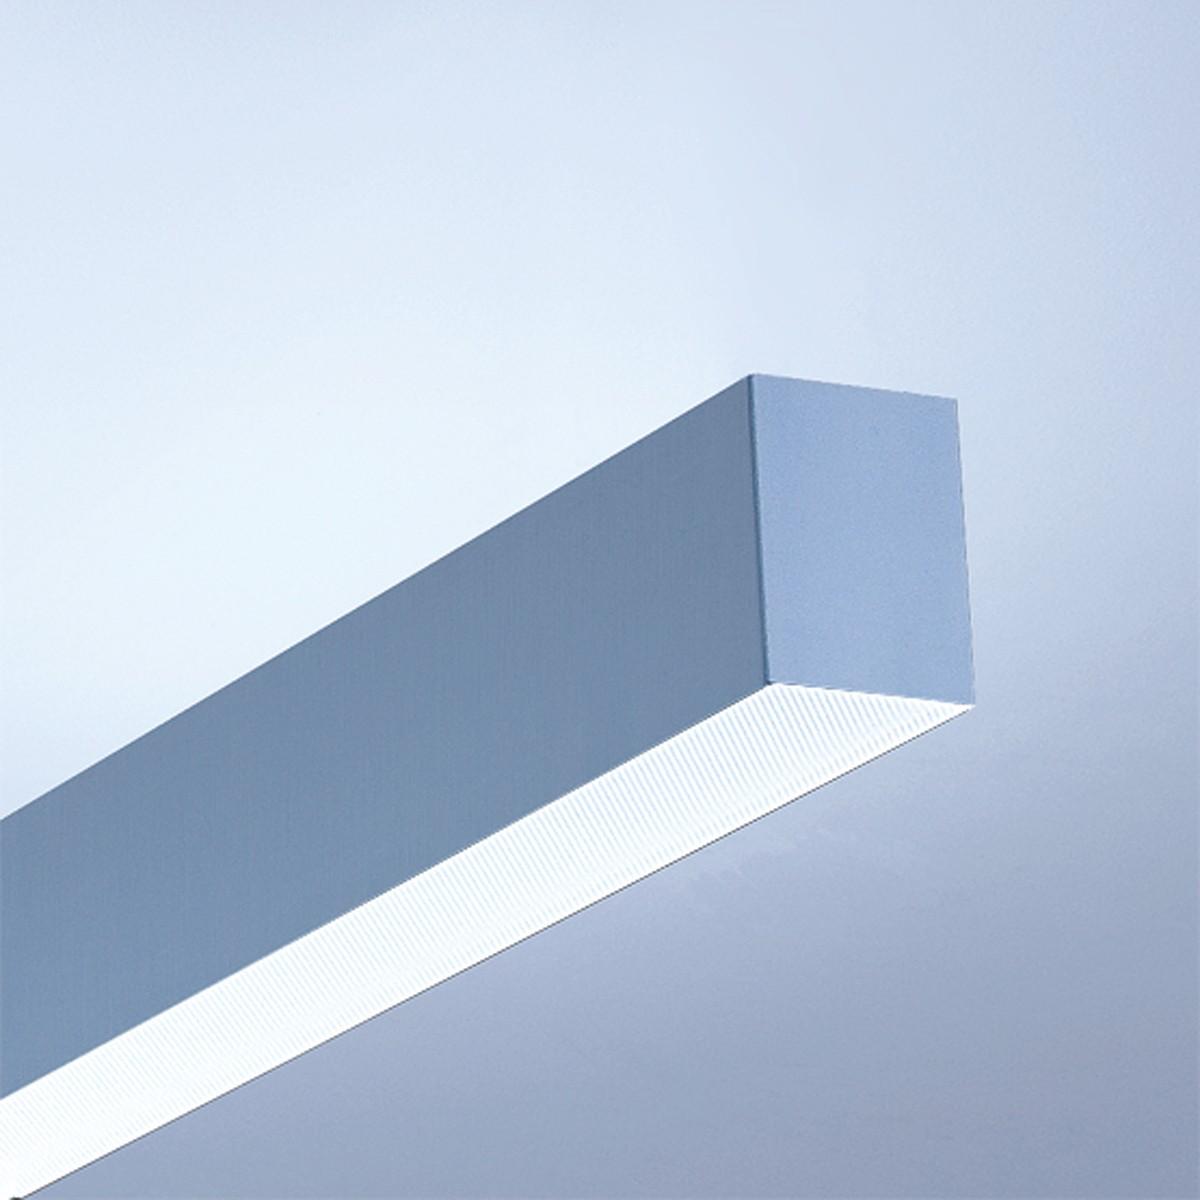 Lightnet Matric-A3 Deckenleuchte, Länge: 60 cm, Aluminium natureloxiert